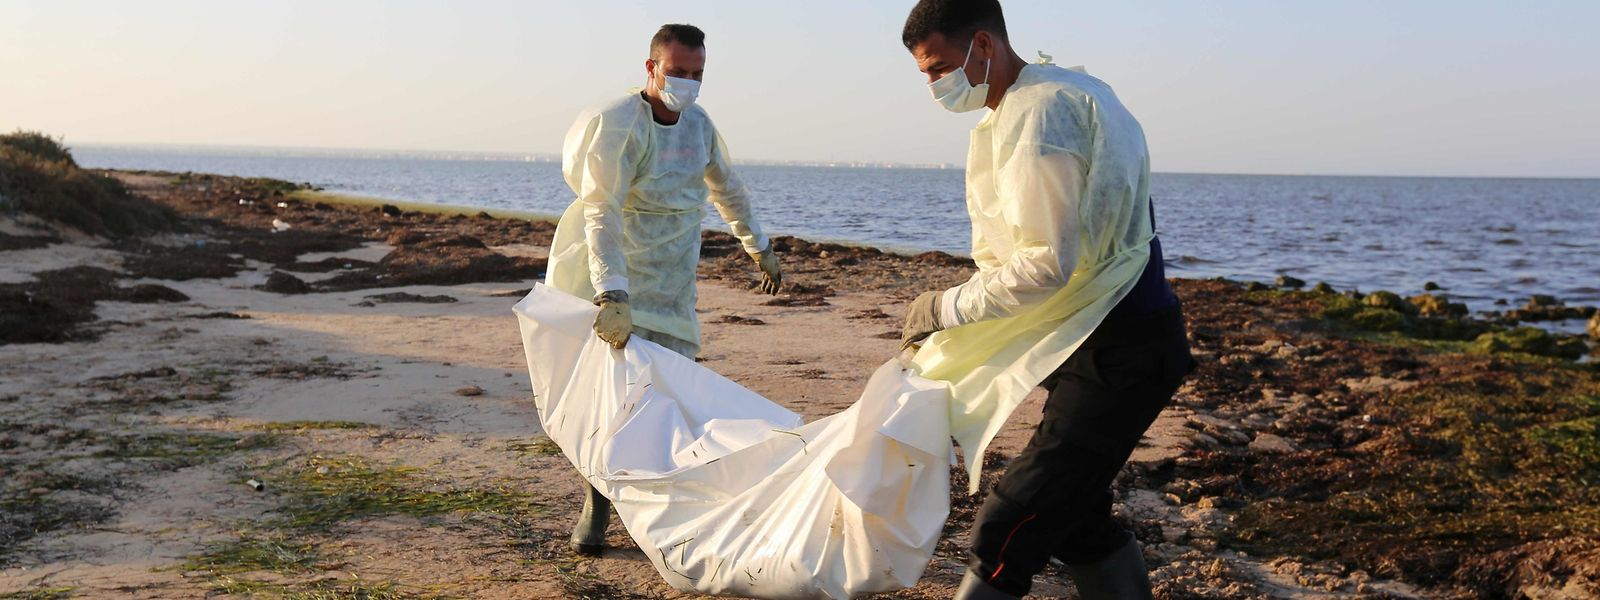 Les cadavres de dizaines de migrants africains s'échouent sur les côtes tunisiennes après leur naufrage en Méditerranée.